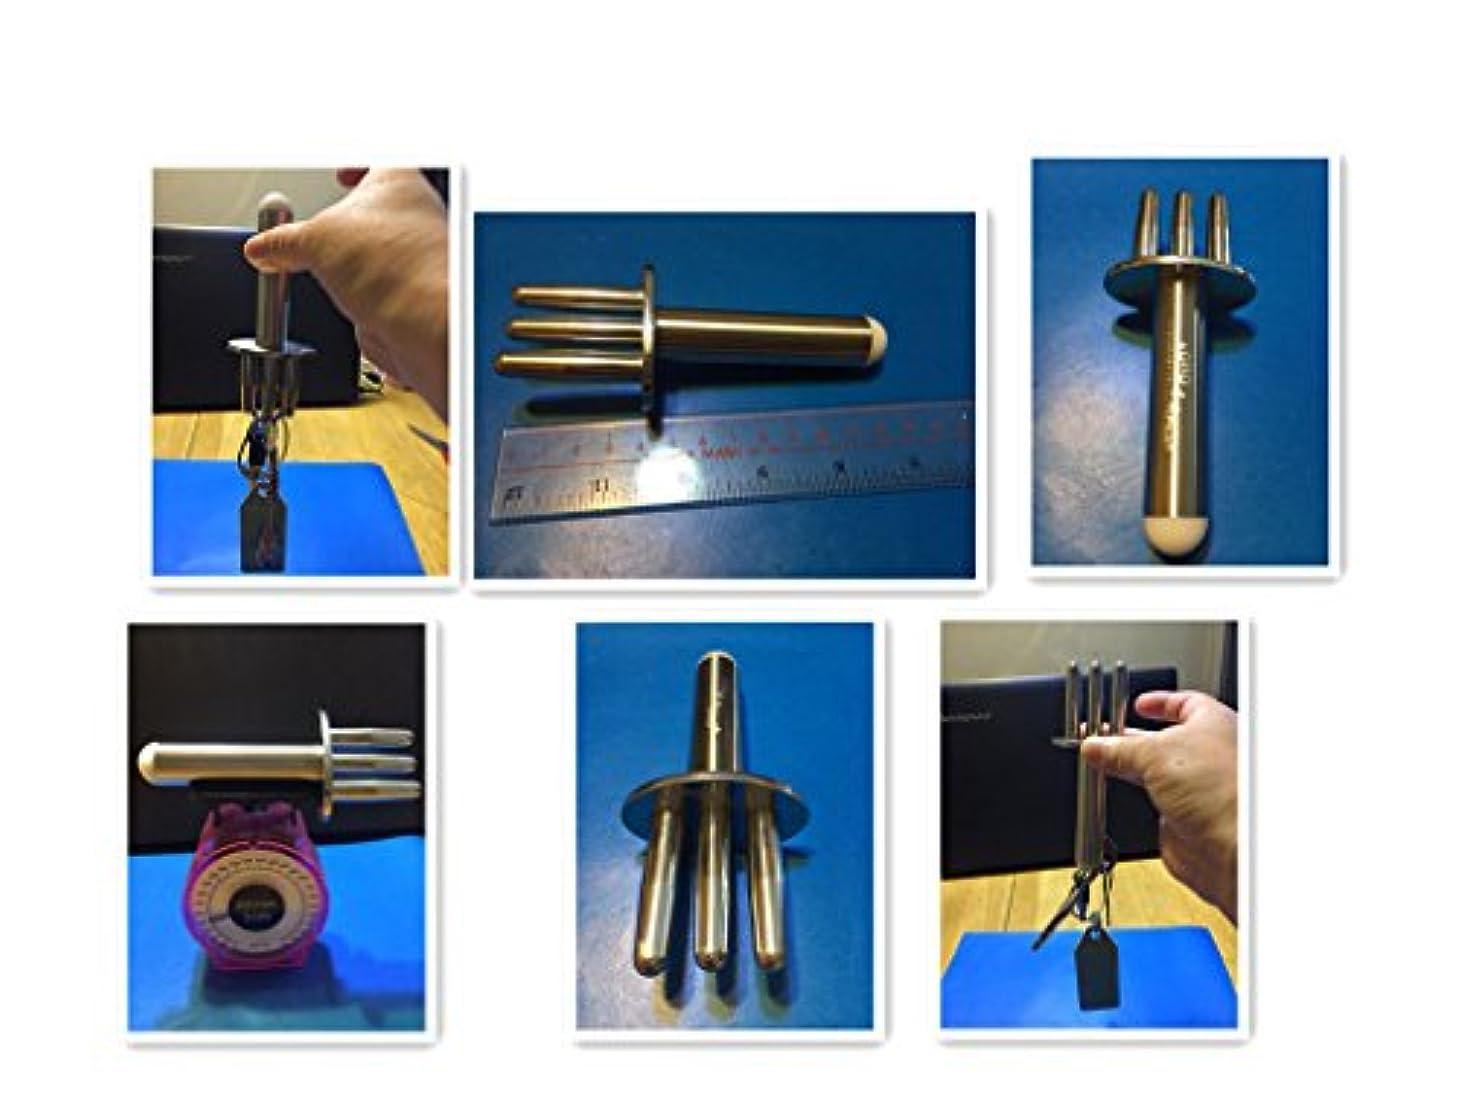 顕著場合リーク顔ボディ排酸術マサッジ小さな排酸棒マッサジ棒磁力マッサジ棒Echo & Kern はいさんじゅつ、陰極磁力排酸棒北極磁気マッサジ棒、磁気棒、ツボ押し棒 磁気 マッサージ棒 指圧棒 磁力がコリに直接当たる排酸術 …